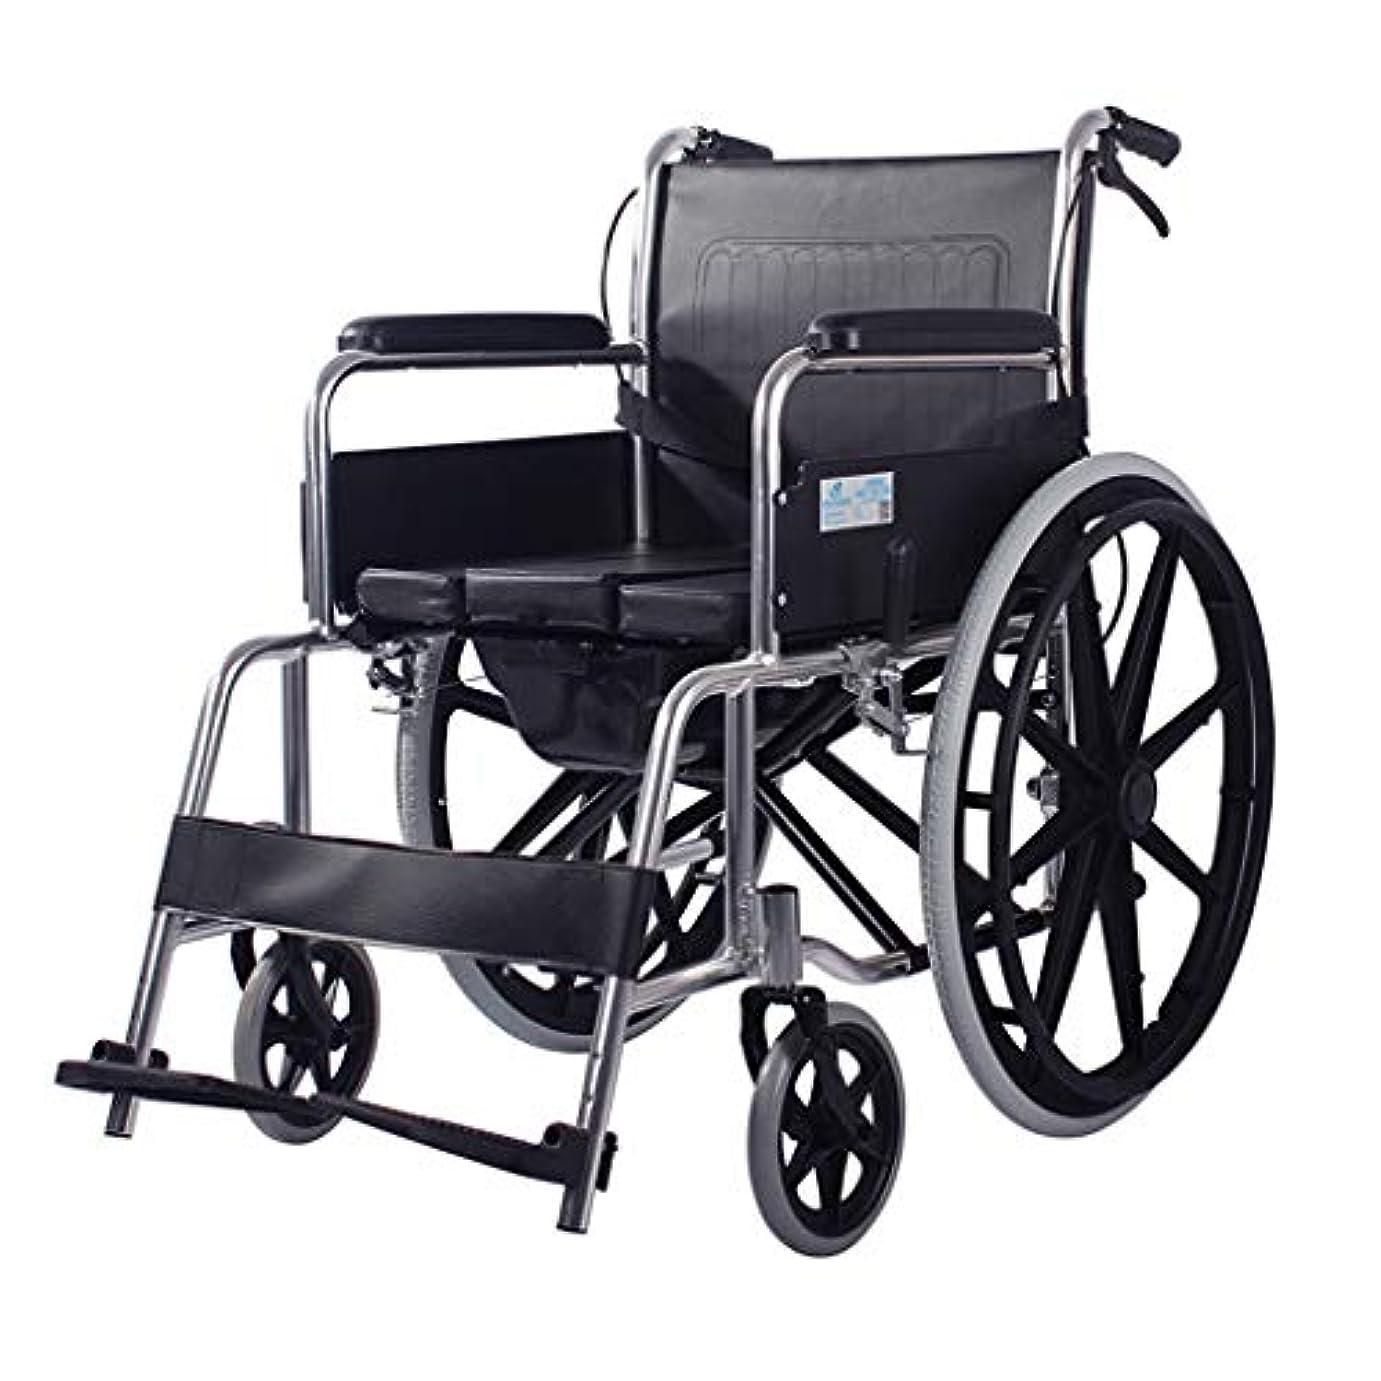 ピボットピン天窓車椅子折りたたみ式および4ブレーキ設計、高齢者および身体障害者用のモバイルトイレ